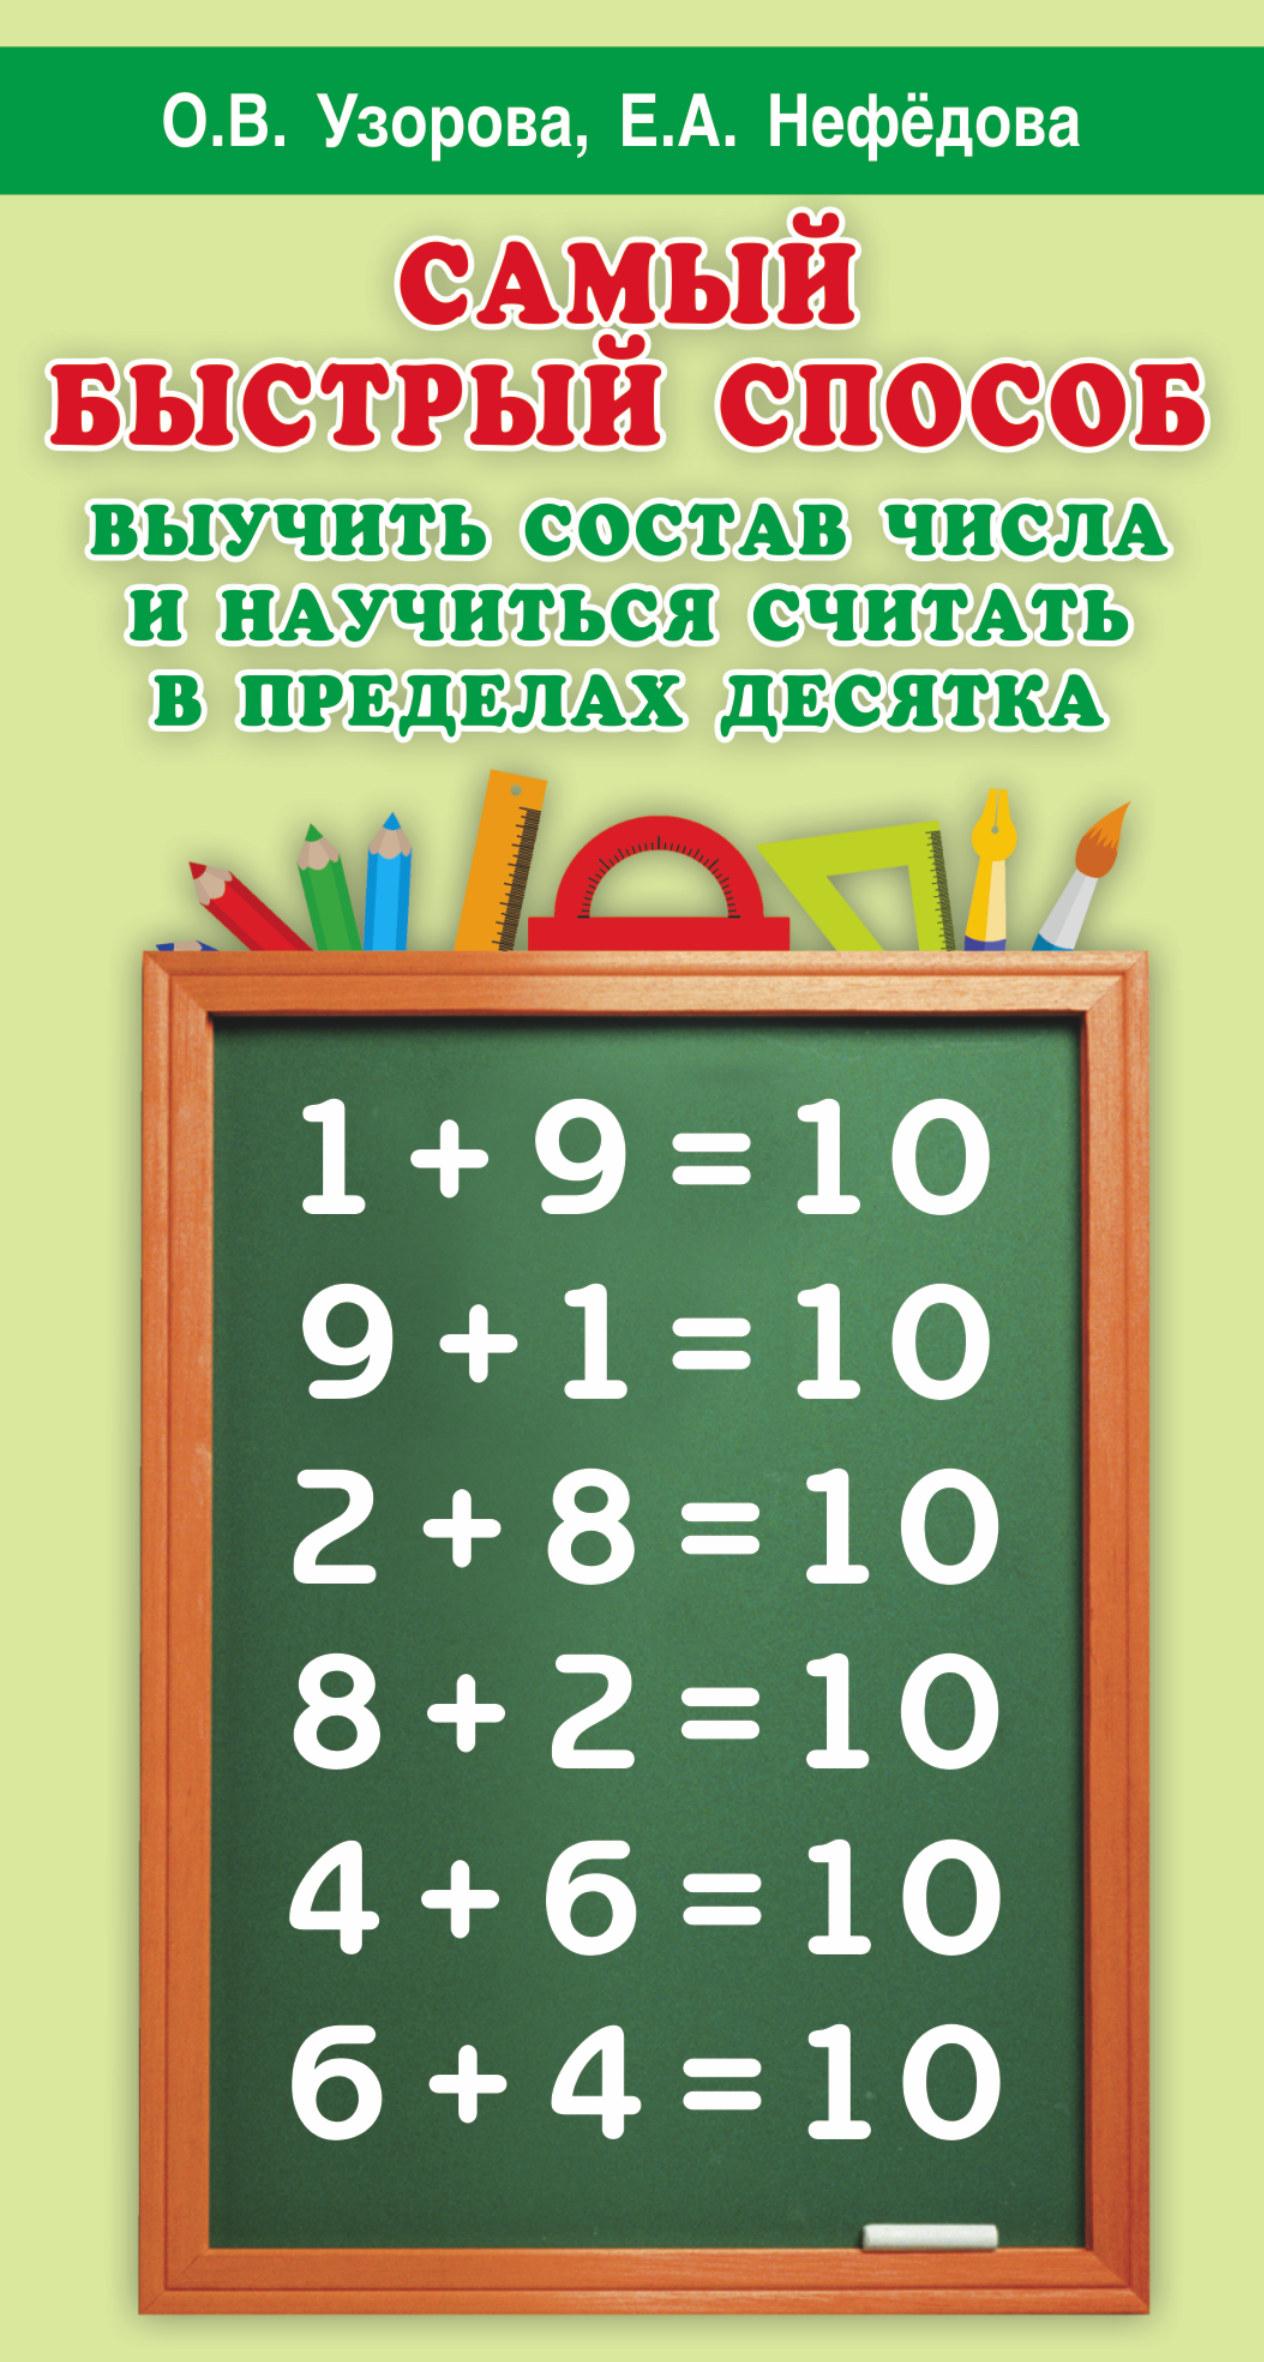 О. В. Узорова, Е. А. Нефедова. Самый быстрый способ выучить состав числа и научится считать в пределах десятка